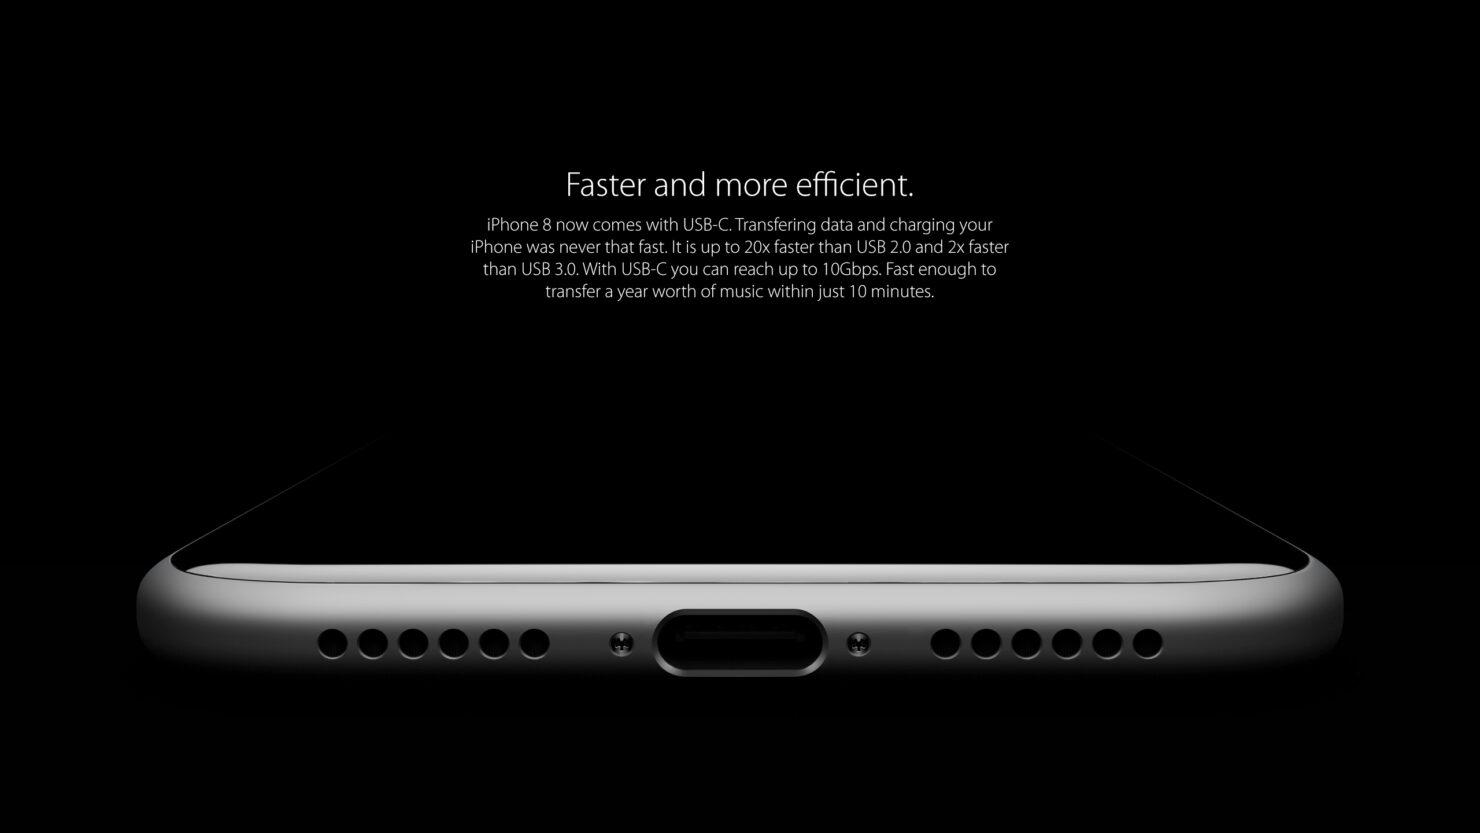 iphone-8-concept-usb-c